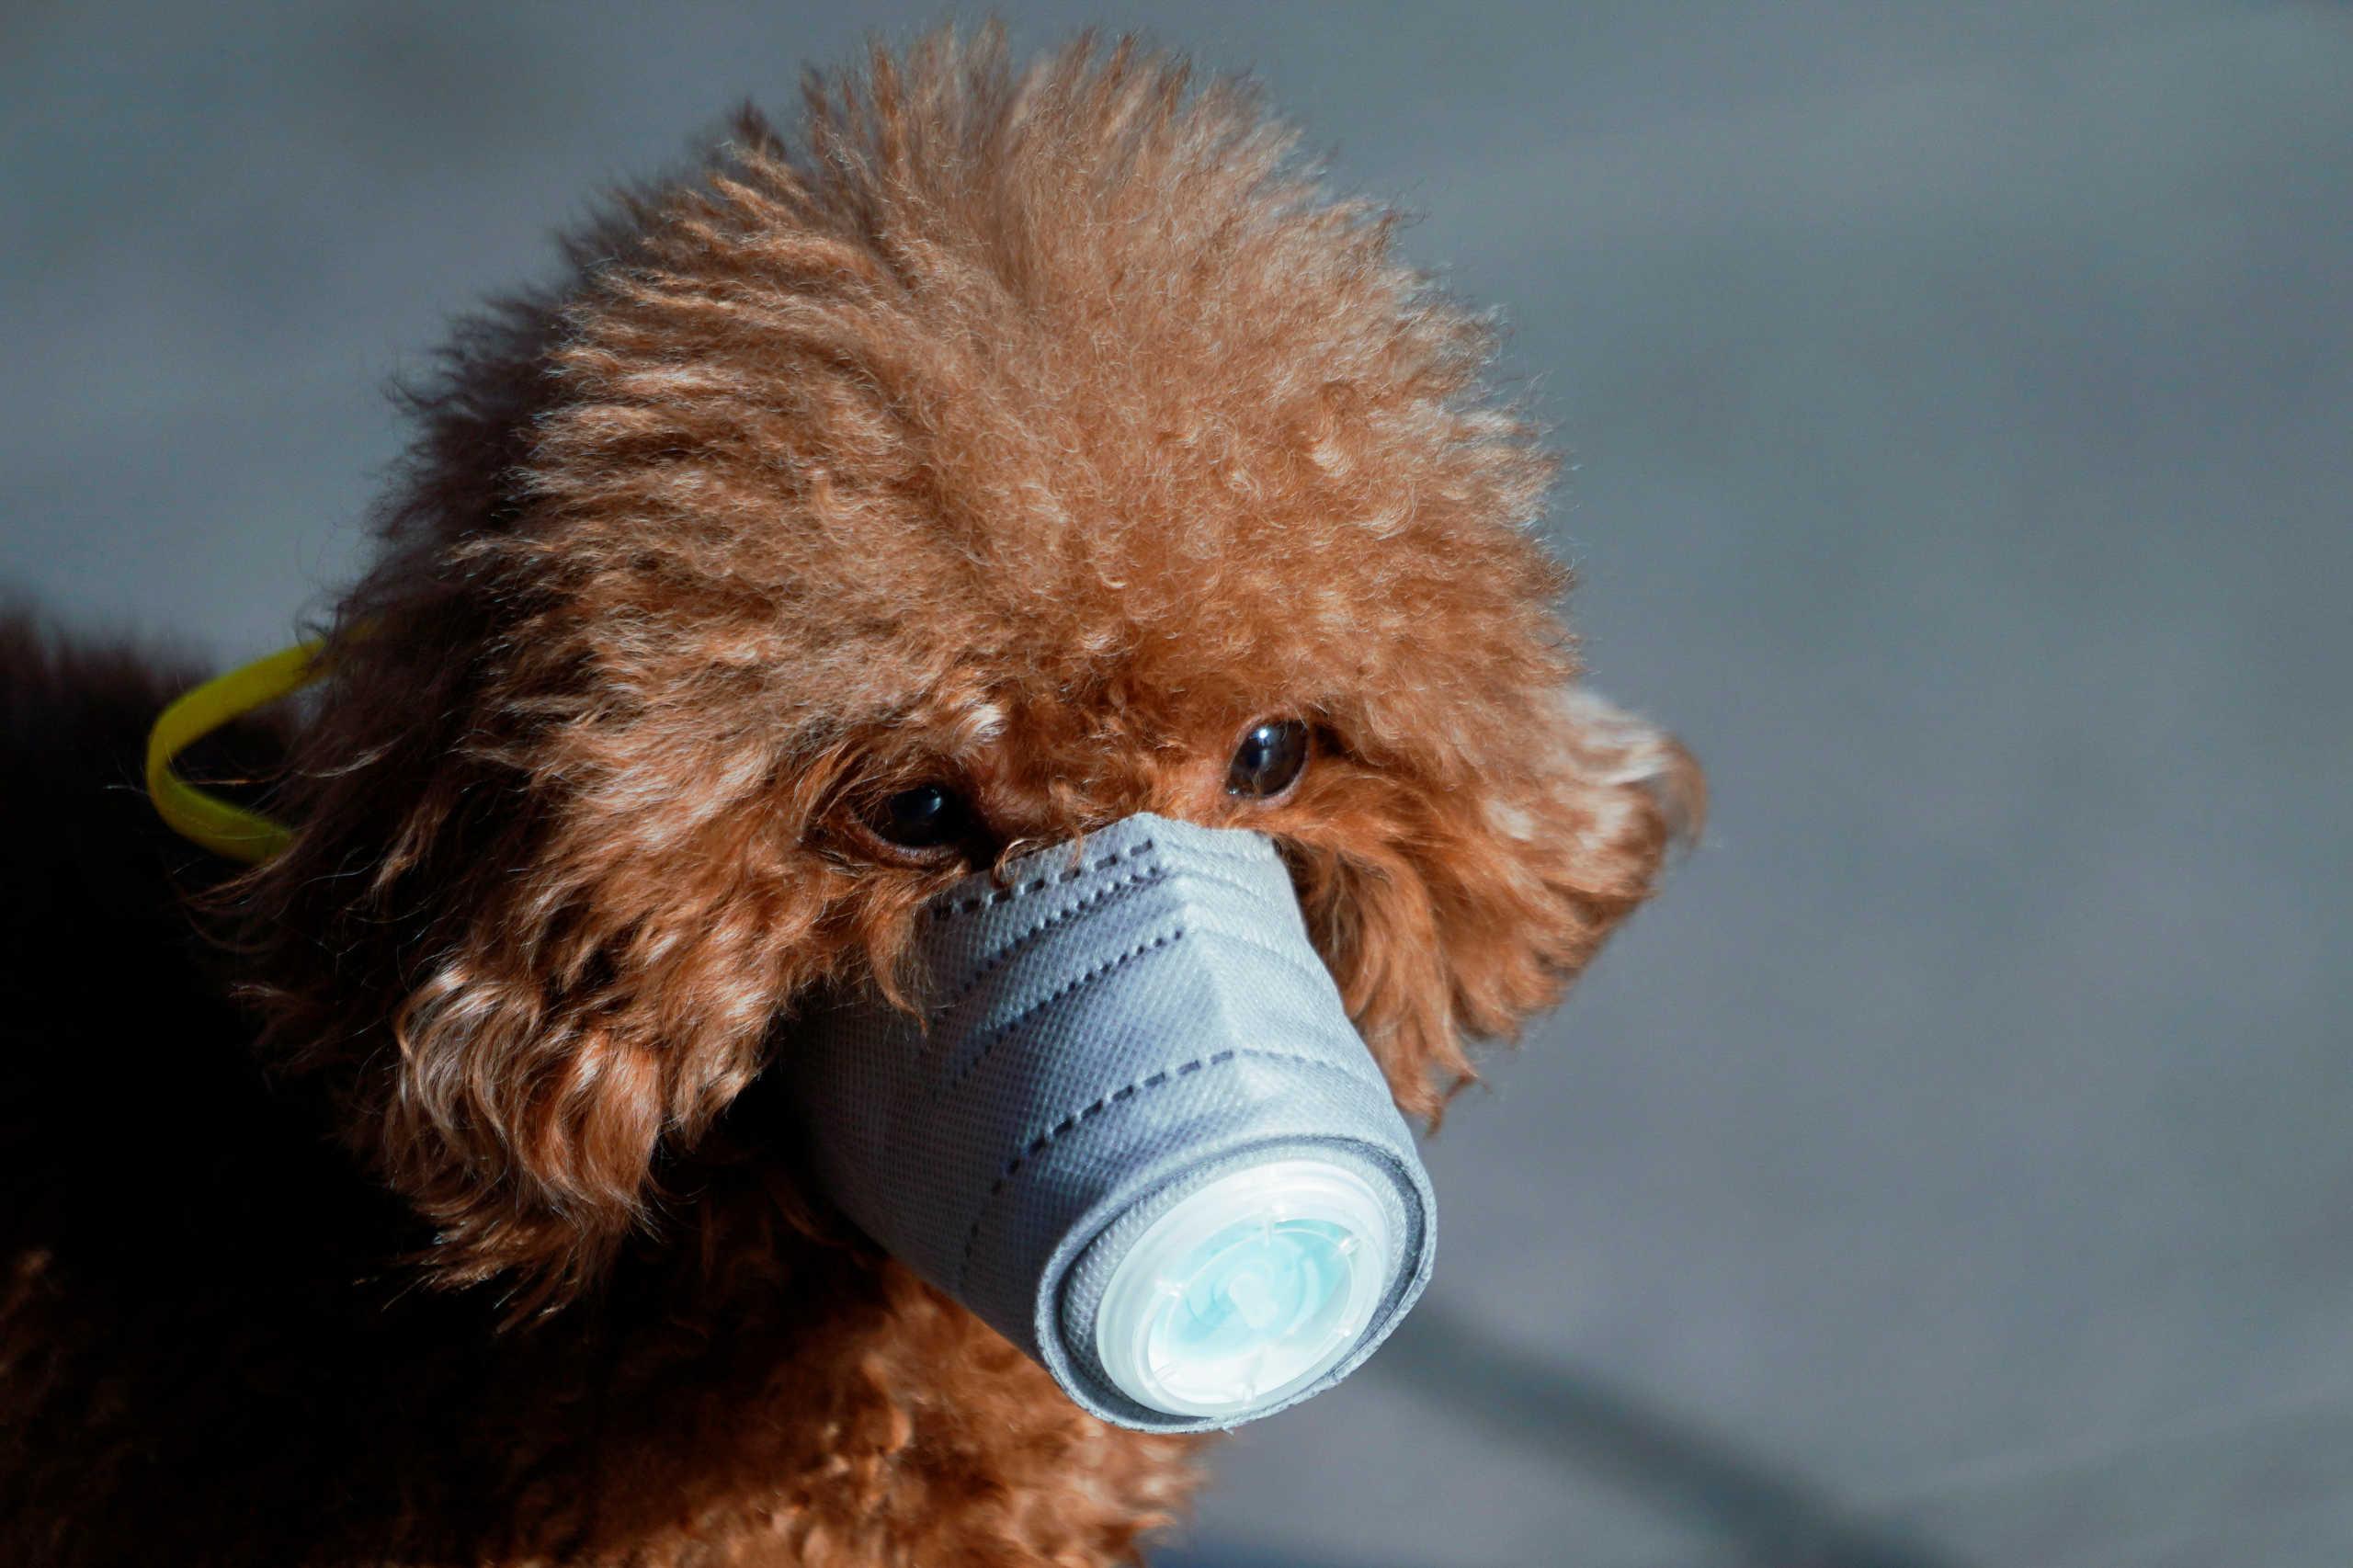 Σκύλος μπήκε σε καραντίνα γιατί βρέθηκε θετικός στον κορονοϊό